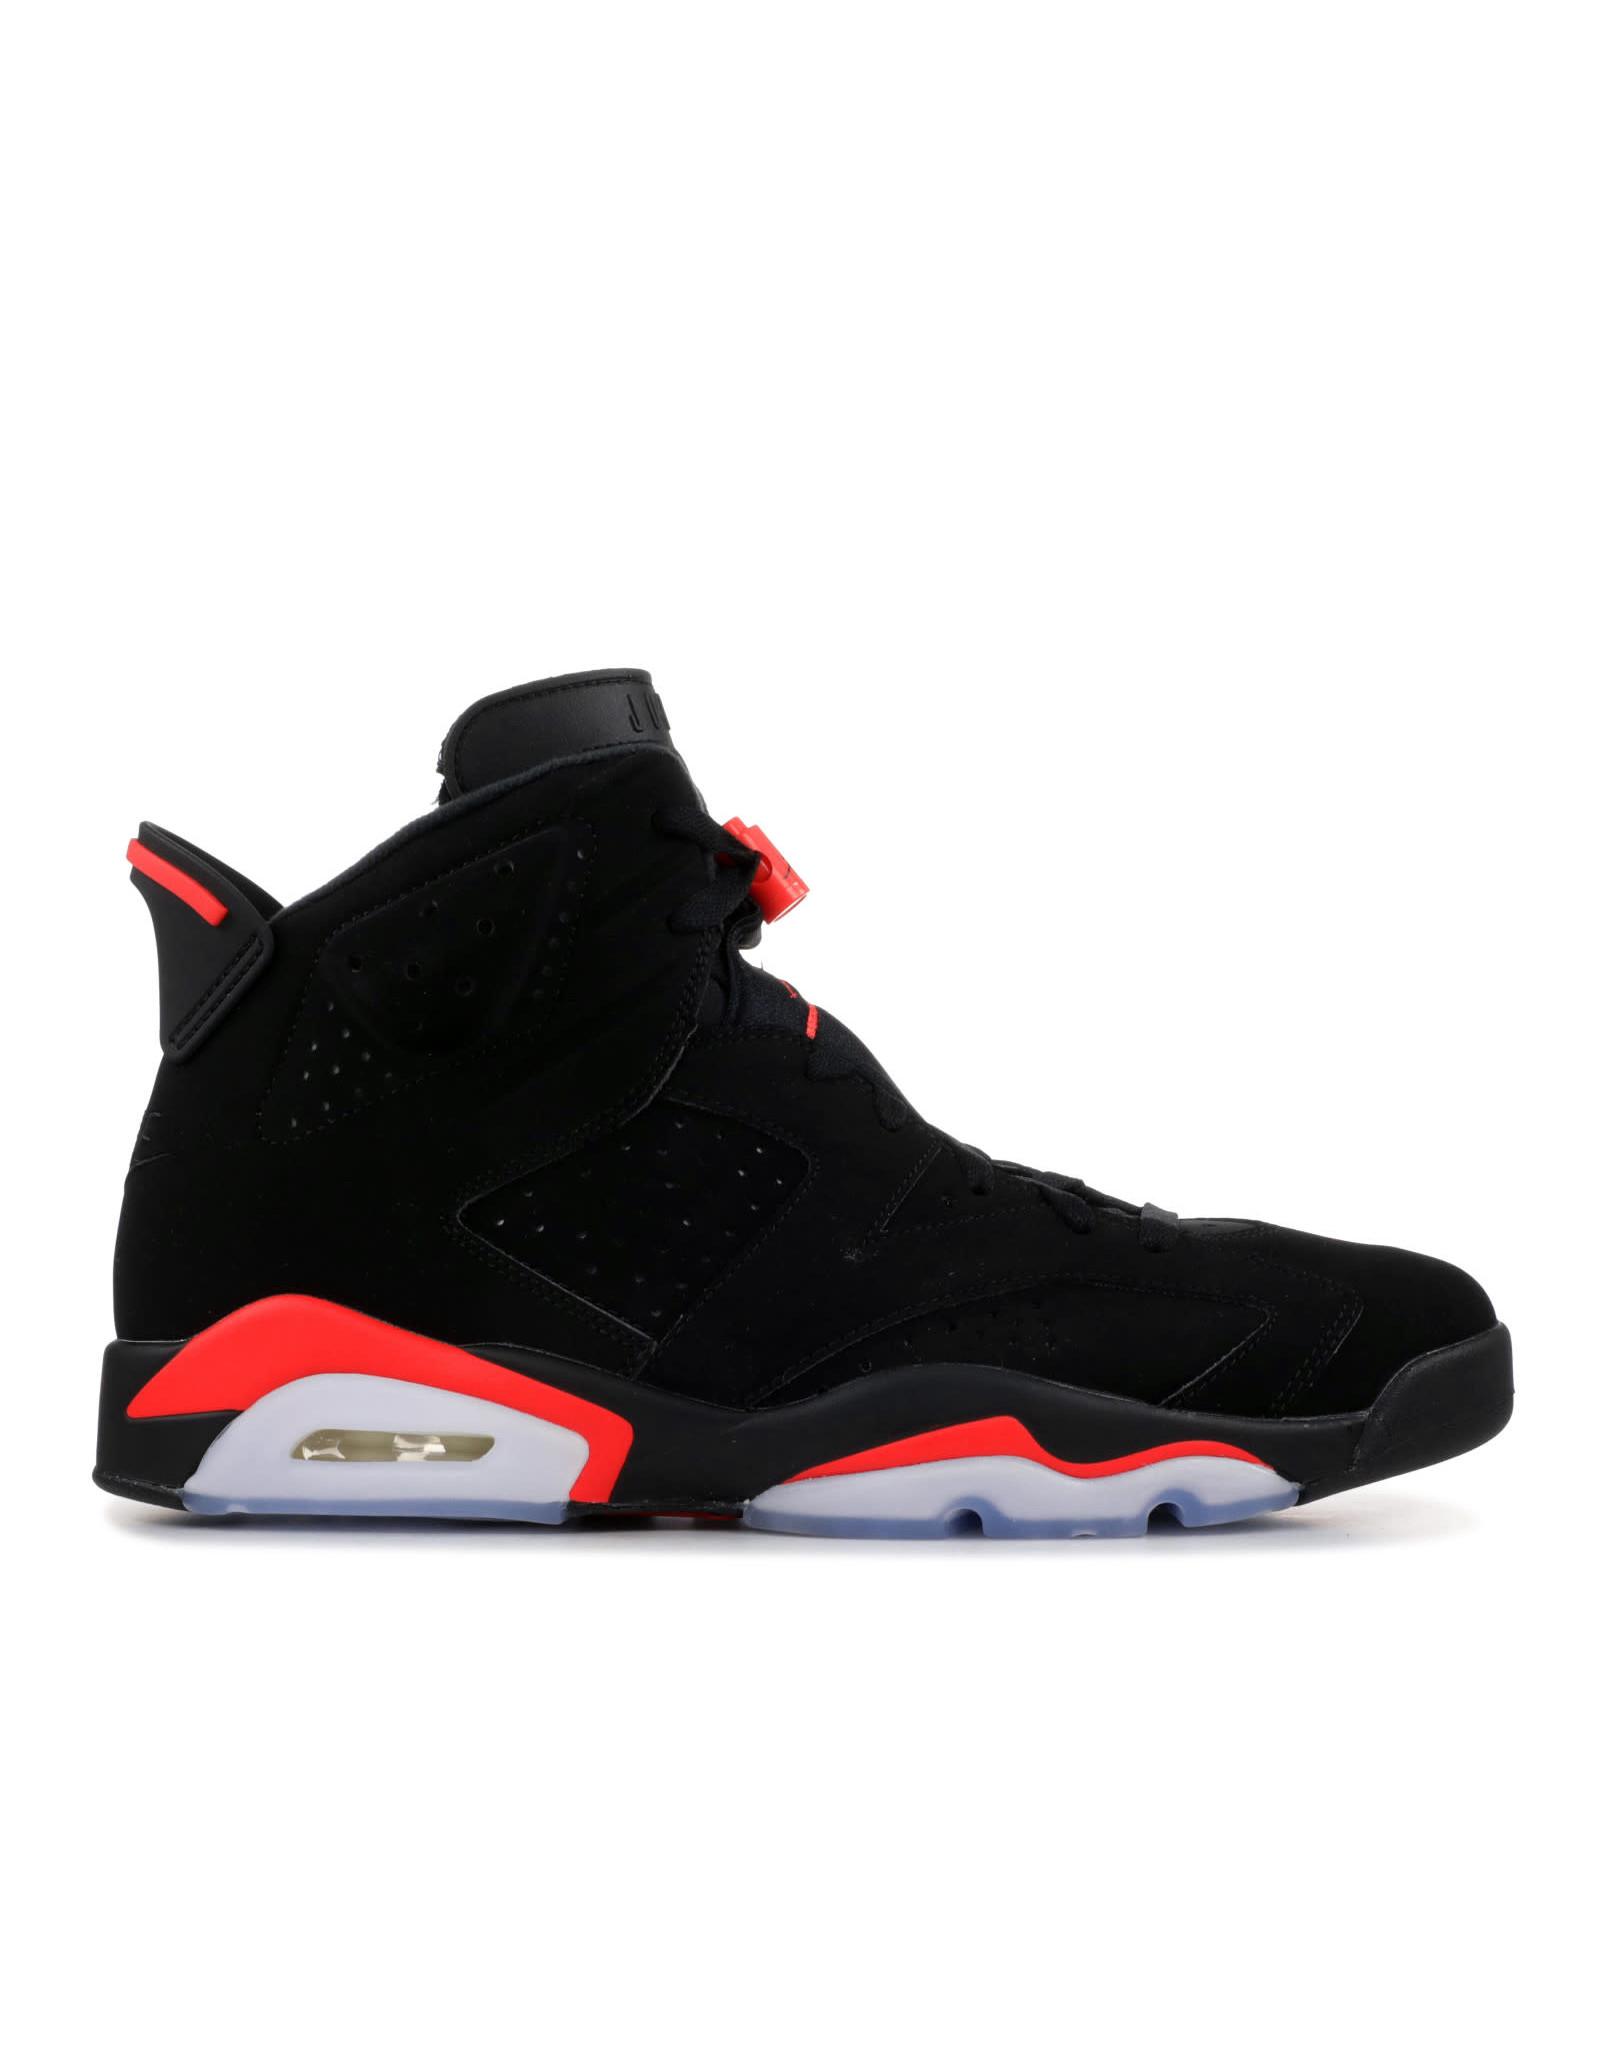 JORDAN Jordan 6 Retro Black Infrared (2019)